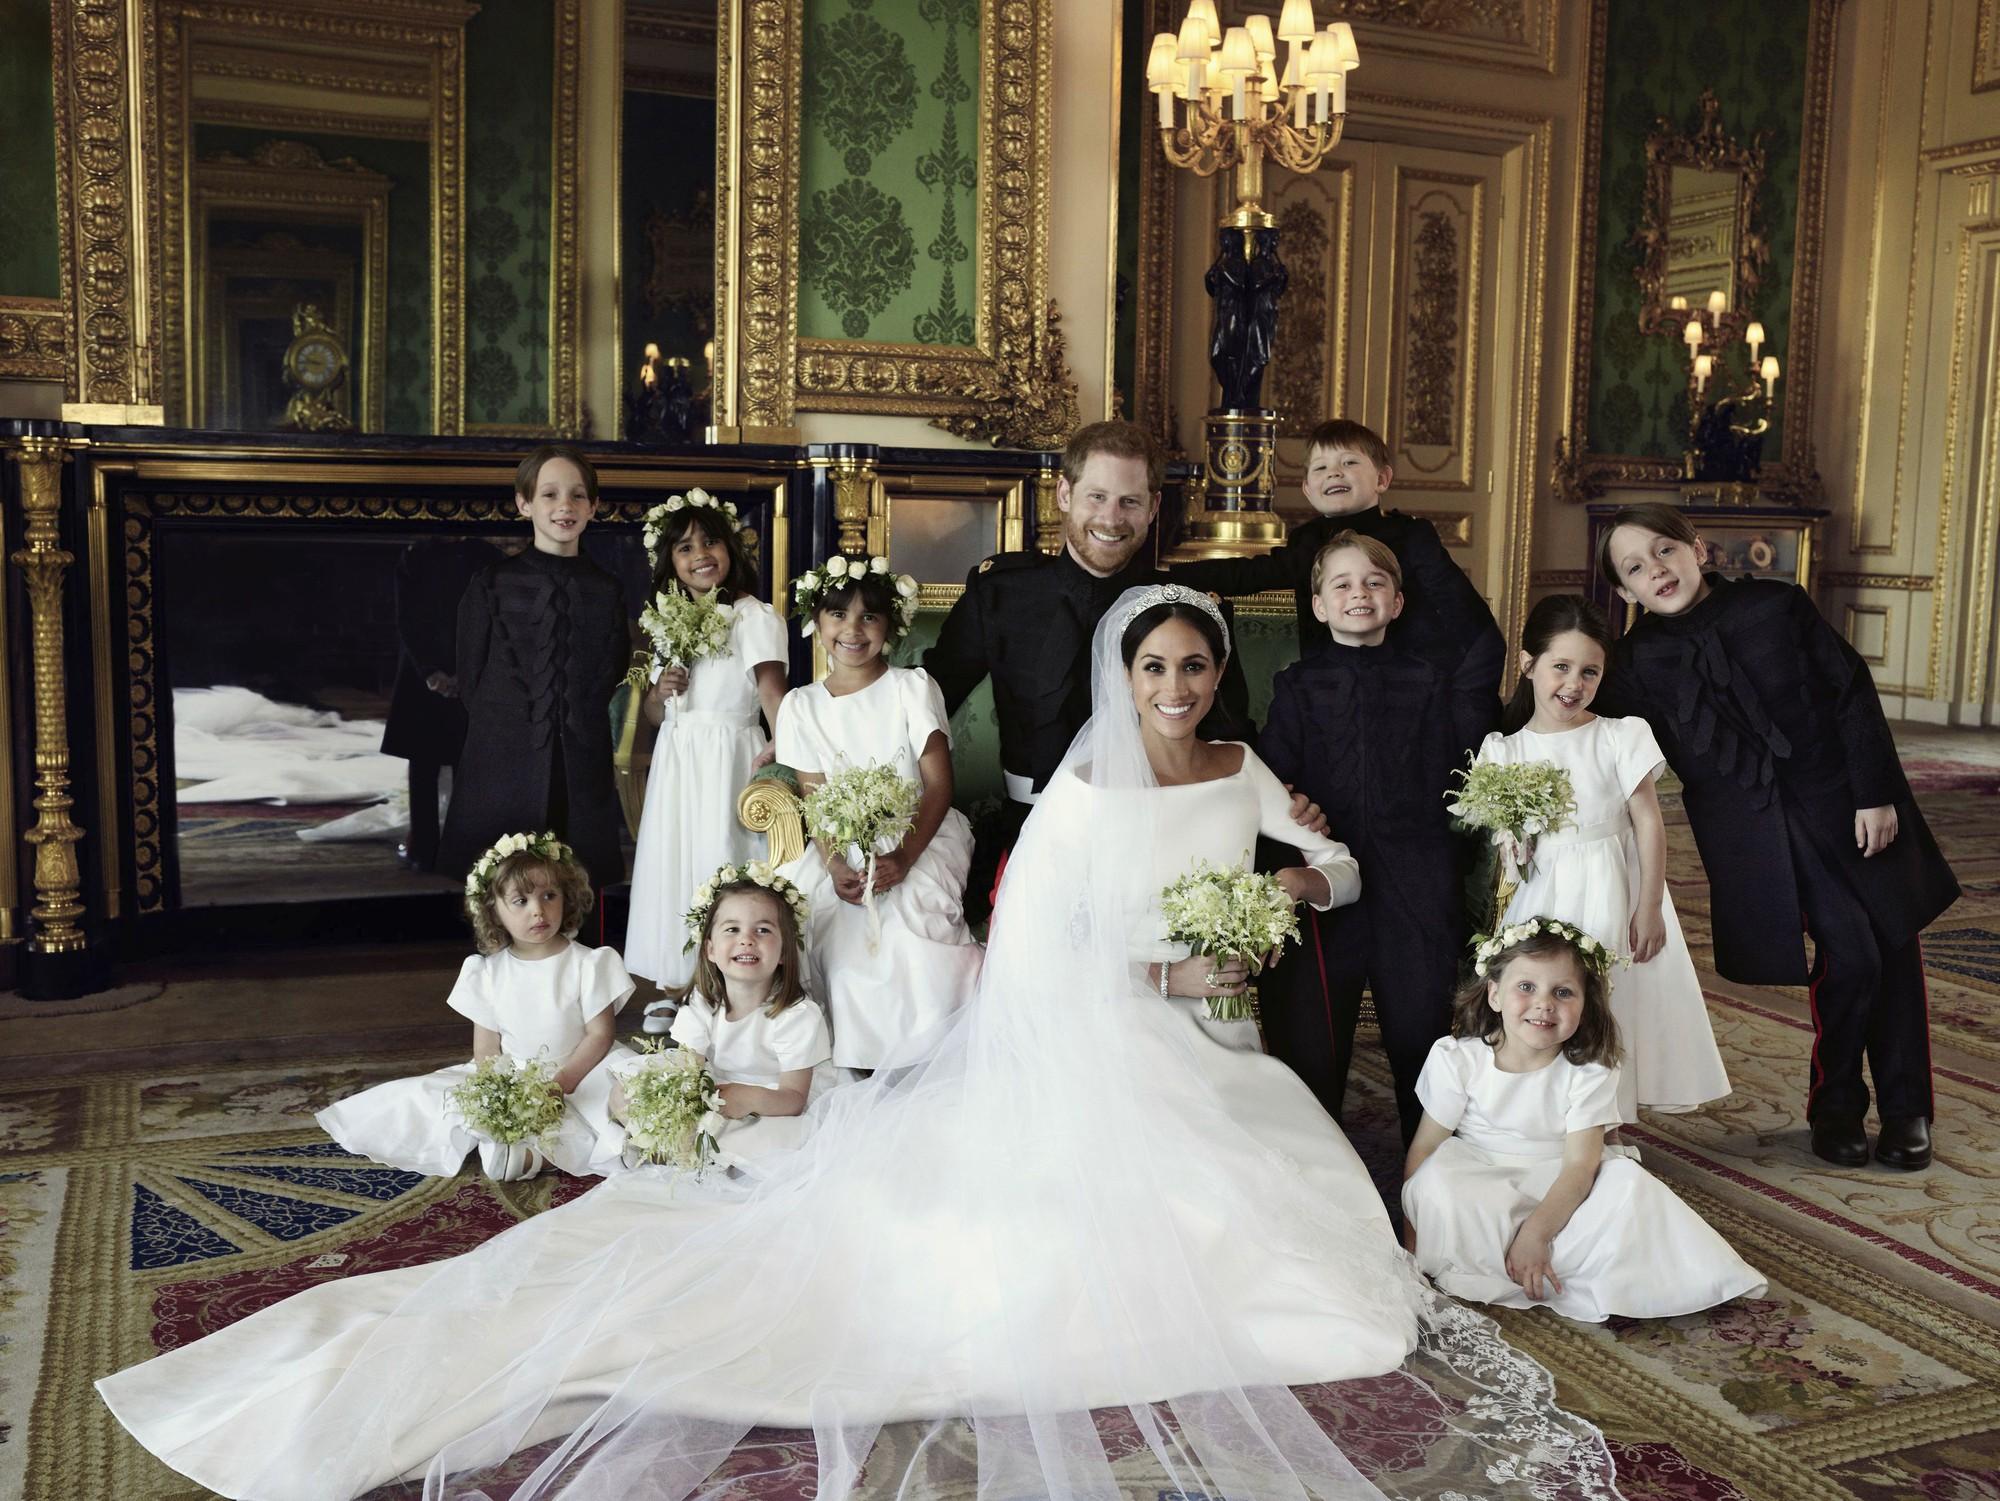 Hoàng gia Anh chính thức công bố ảnh cưới tuyệt đẹp của Hoàng tử Harry và Công nương Meghan - Ảnh 2.